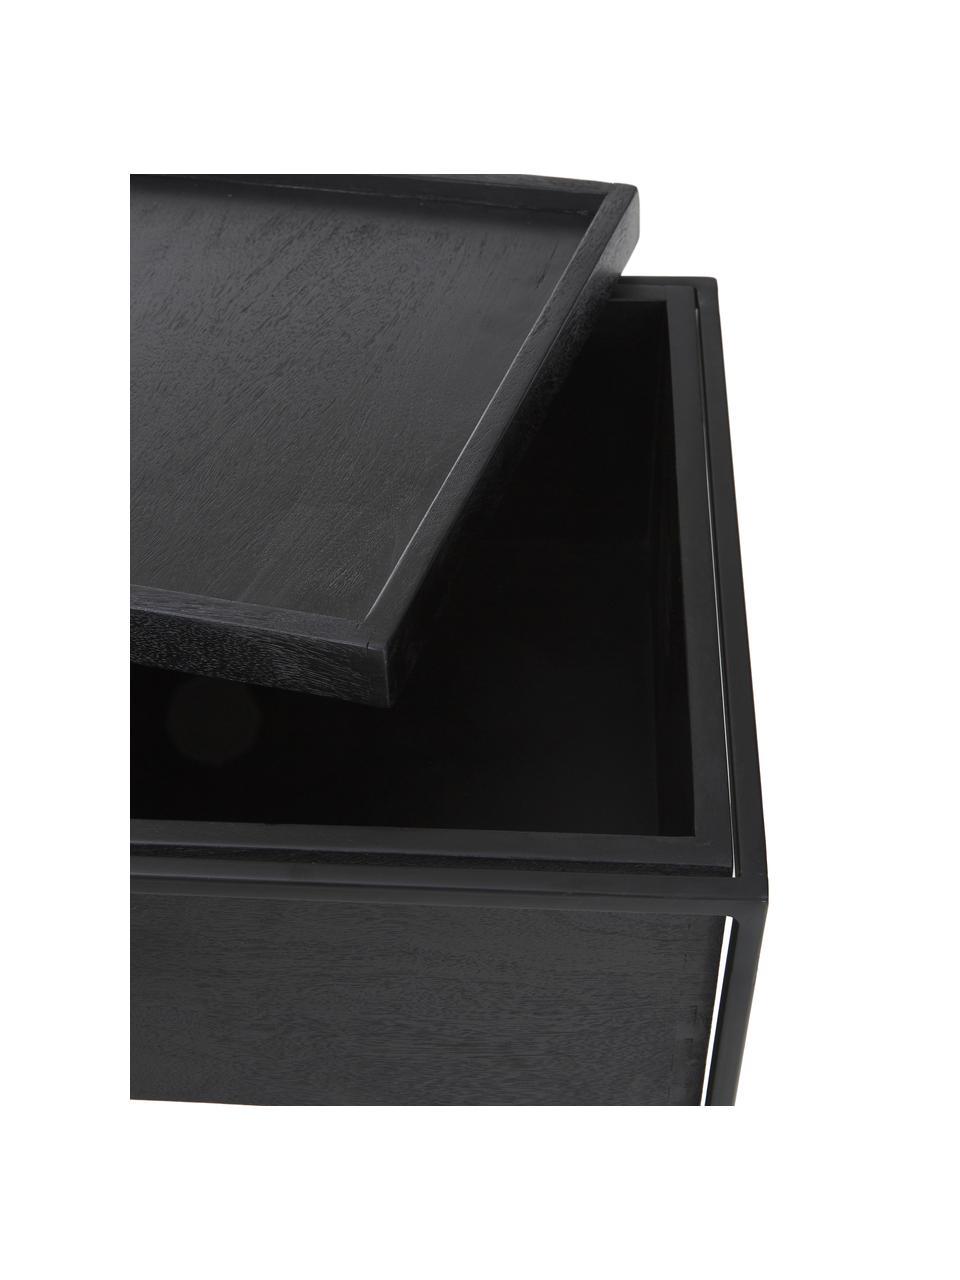 Beistelltisch Theo mit Stauraum, Korpus: Massives Mangoholz, lacki, Gestell: Metall, pulverbeschichtet, Korpus: Mangoholz, schwarz lackiertGestell: Schwarz, matt, 45 x 50 cm